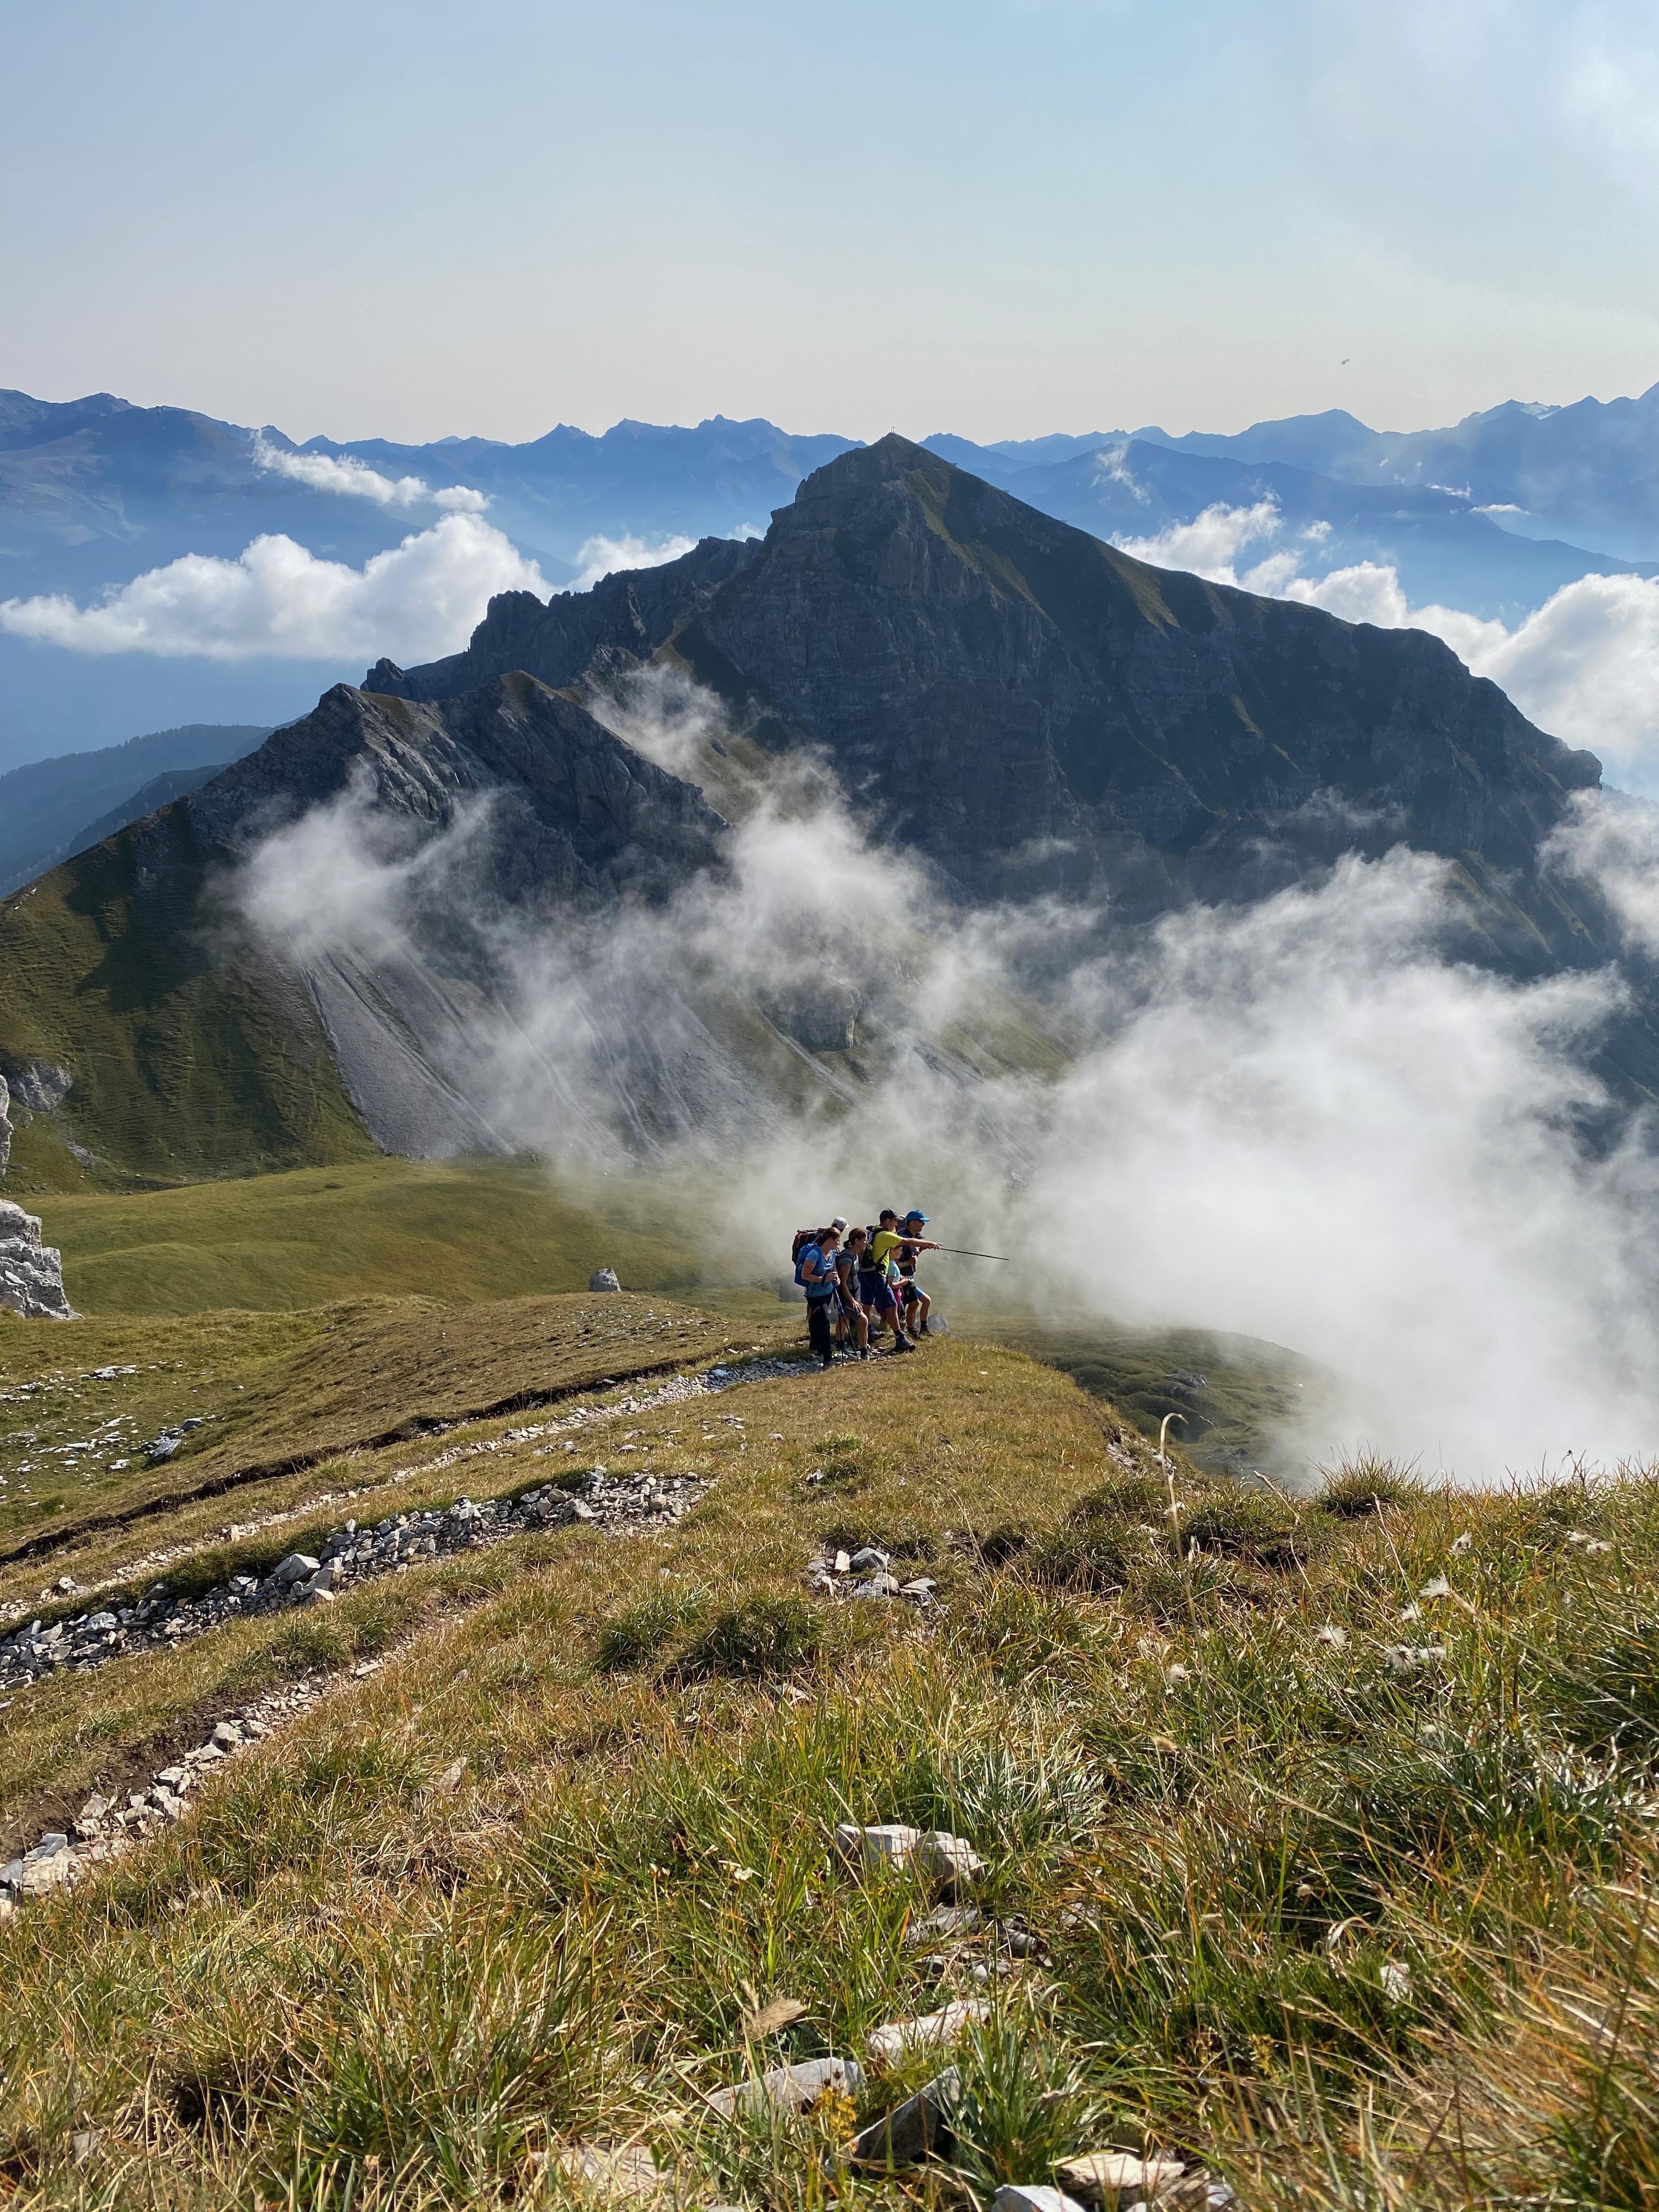 Nachhaltiger Tourismus nach COVID-19: Implikationen für touristische Destinationen